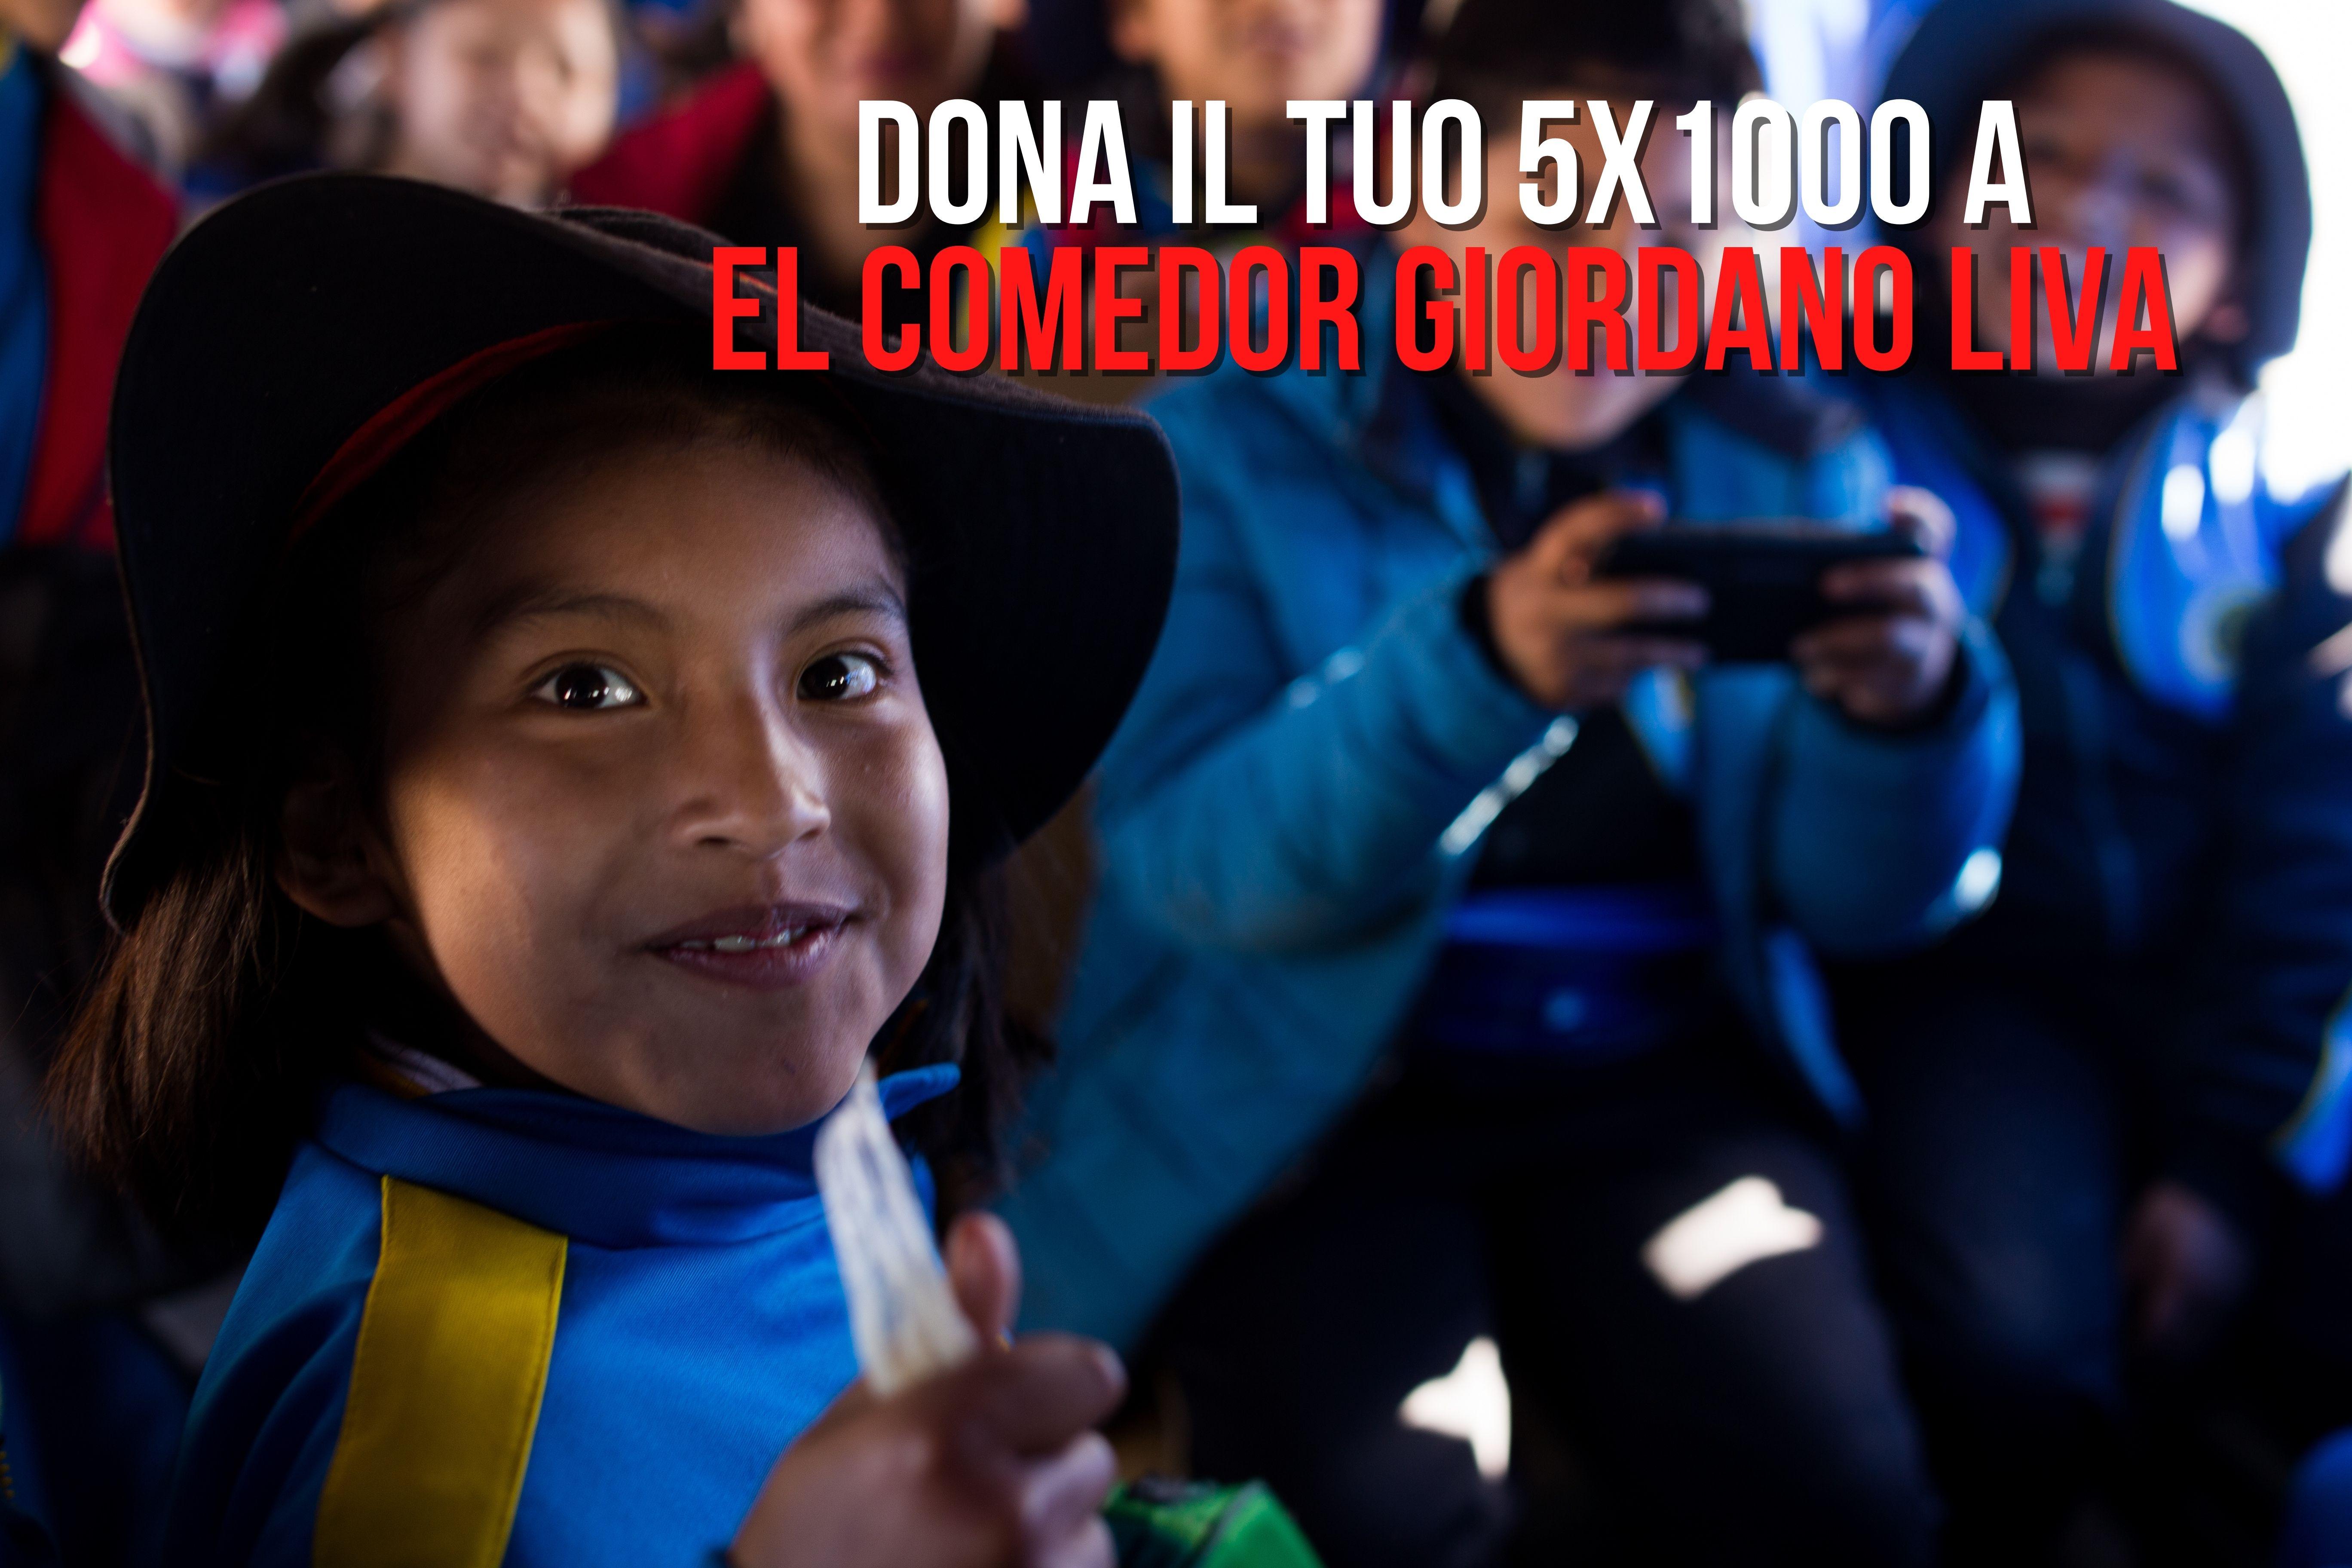 Dona il tuo 5×1000 a El Comedor Giordano Liva